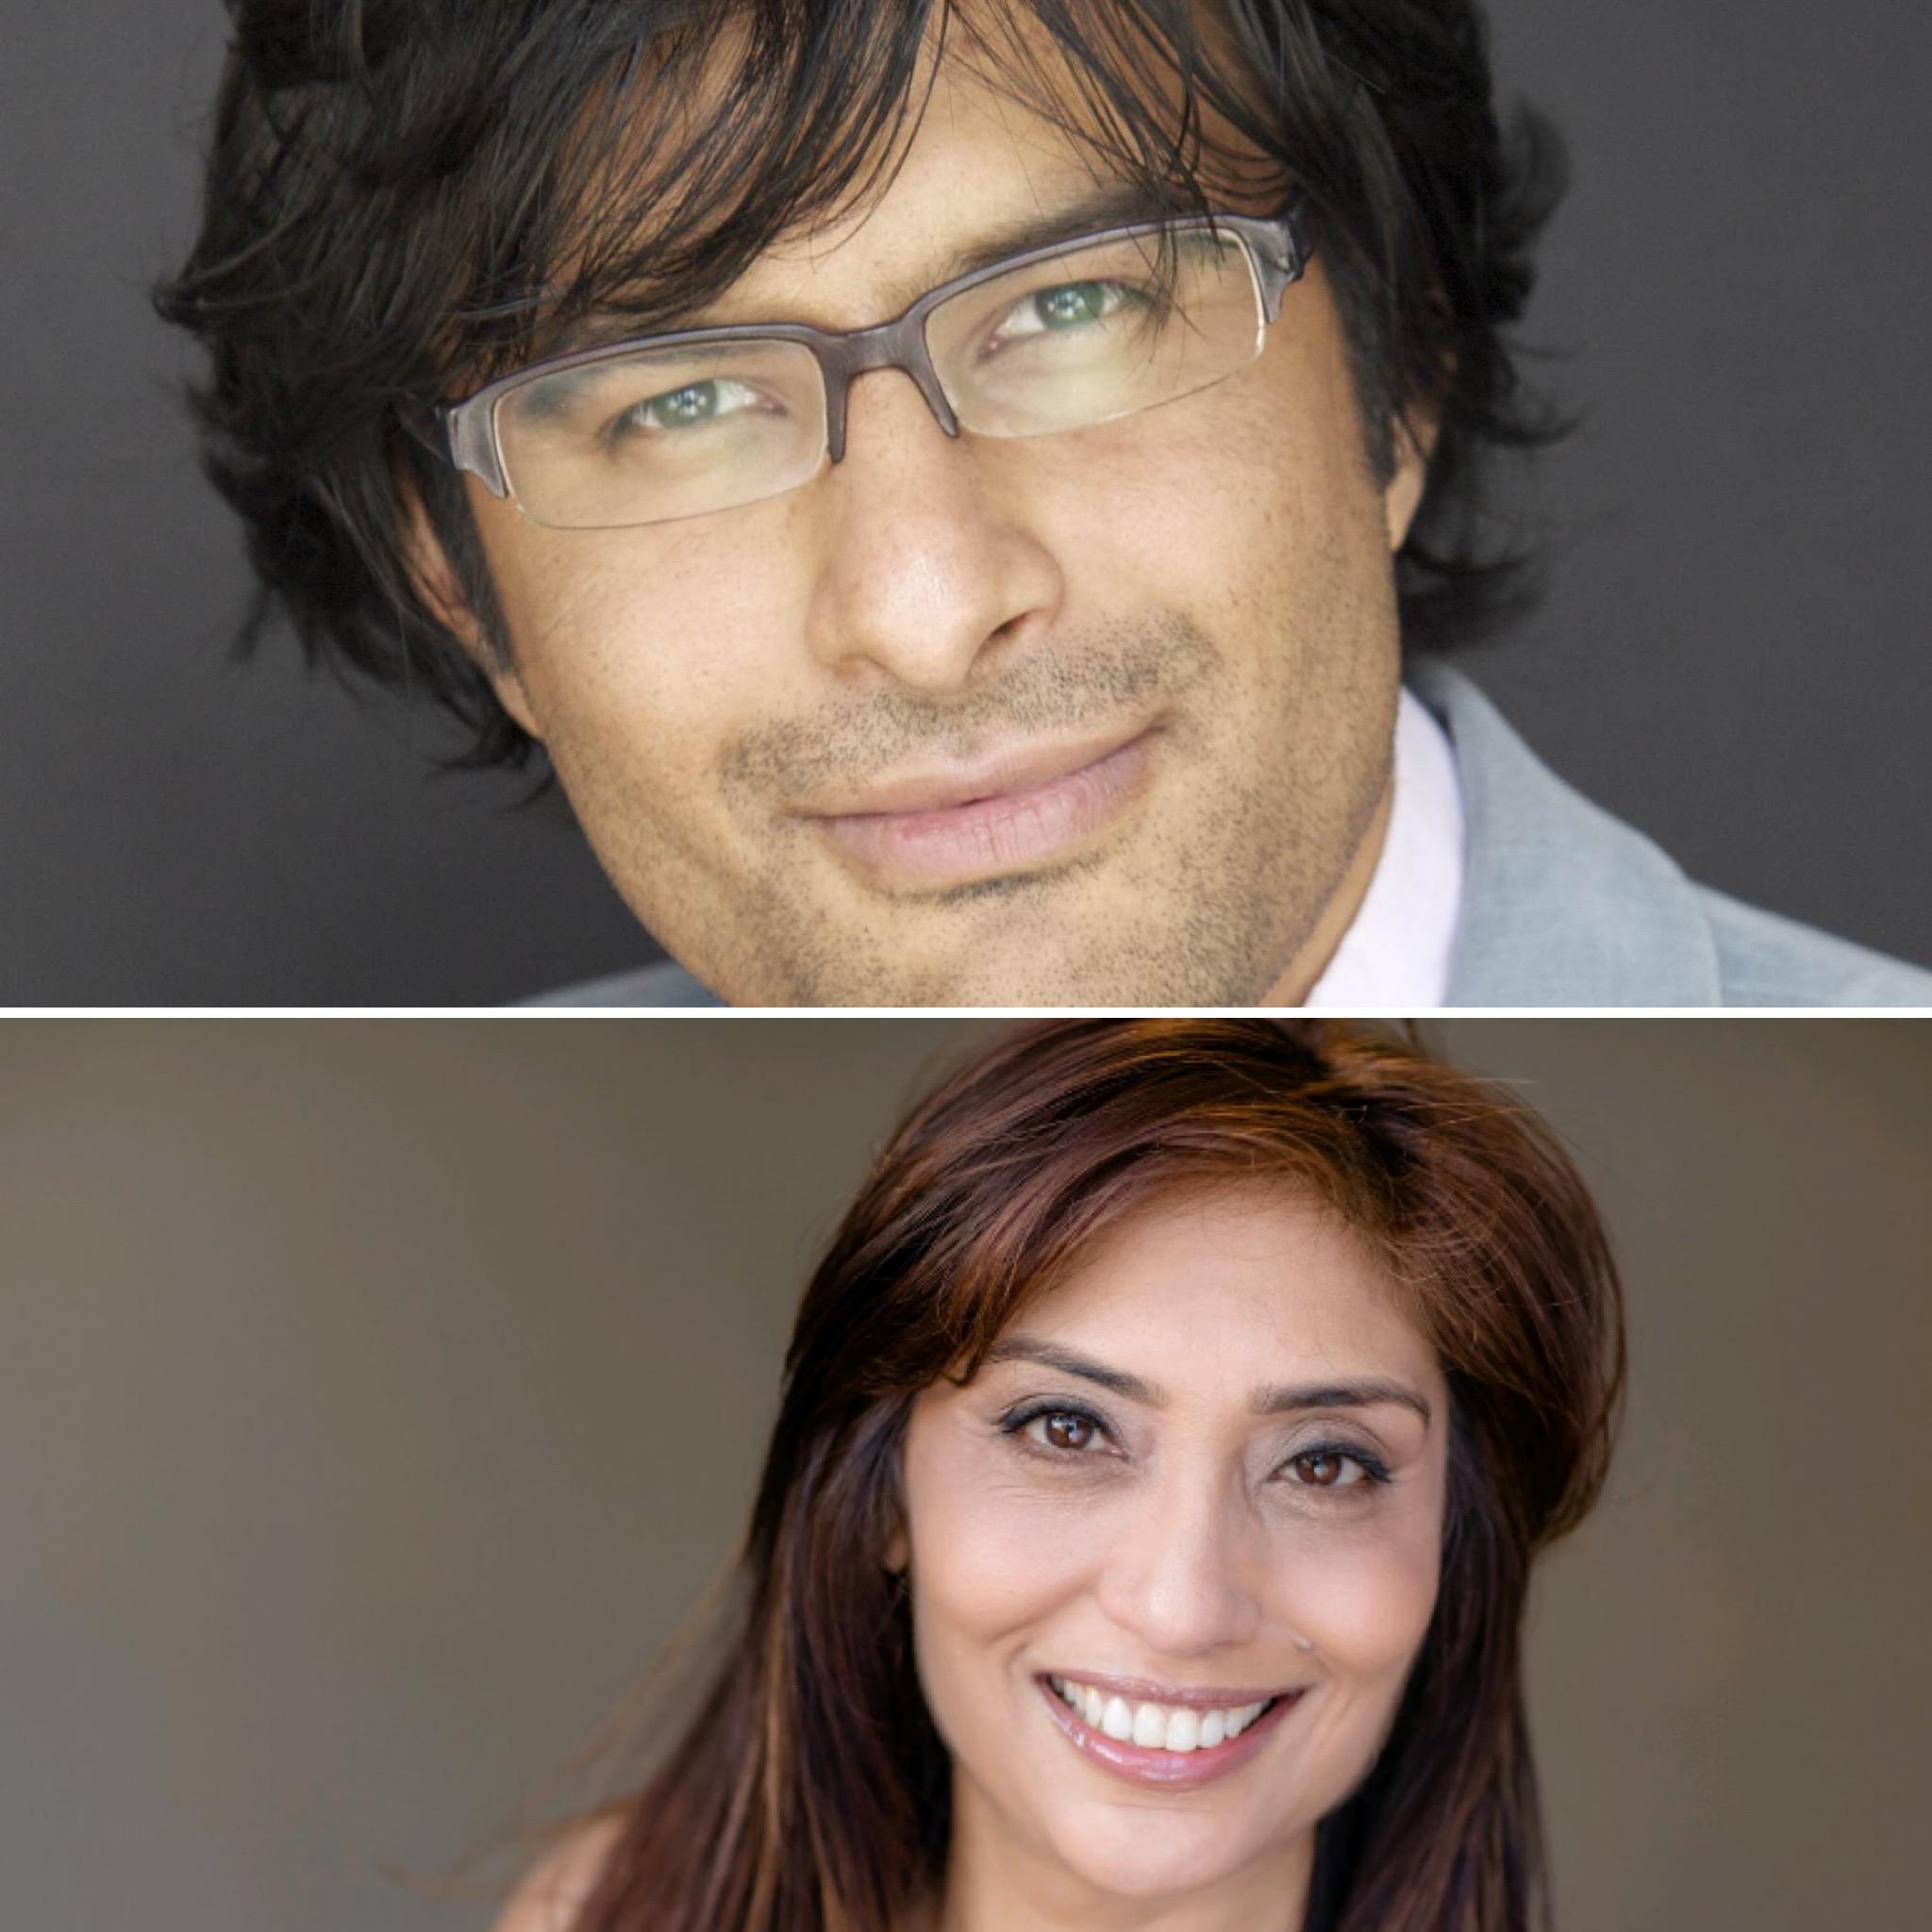 Nitin Madan & Nikki Chawla